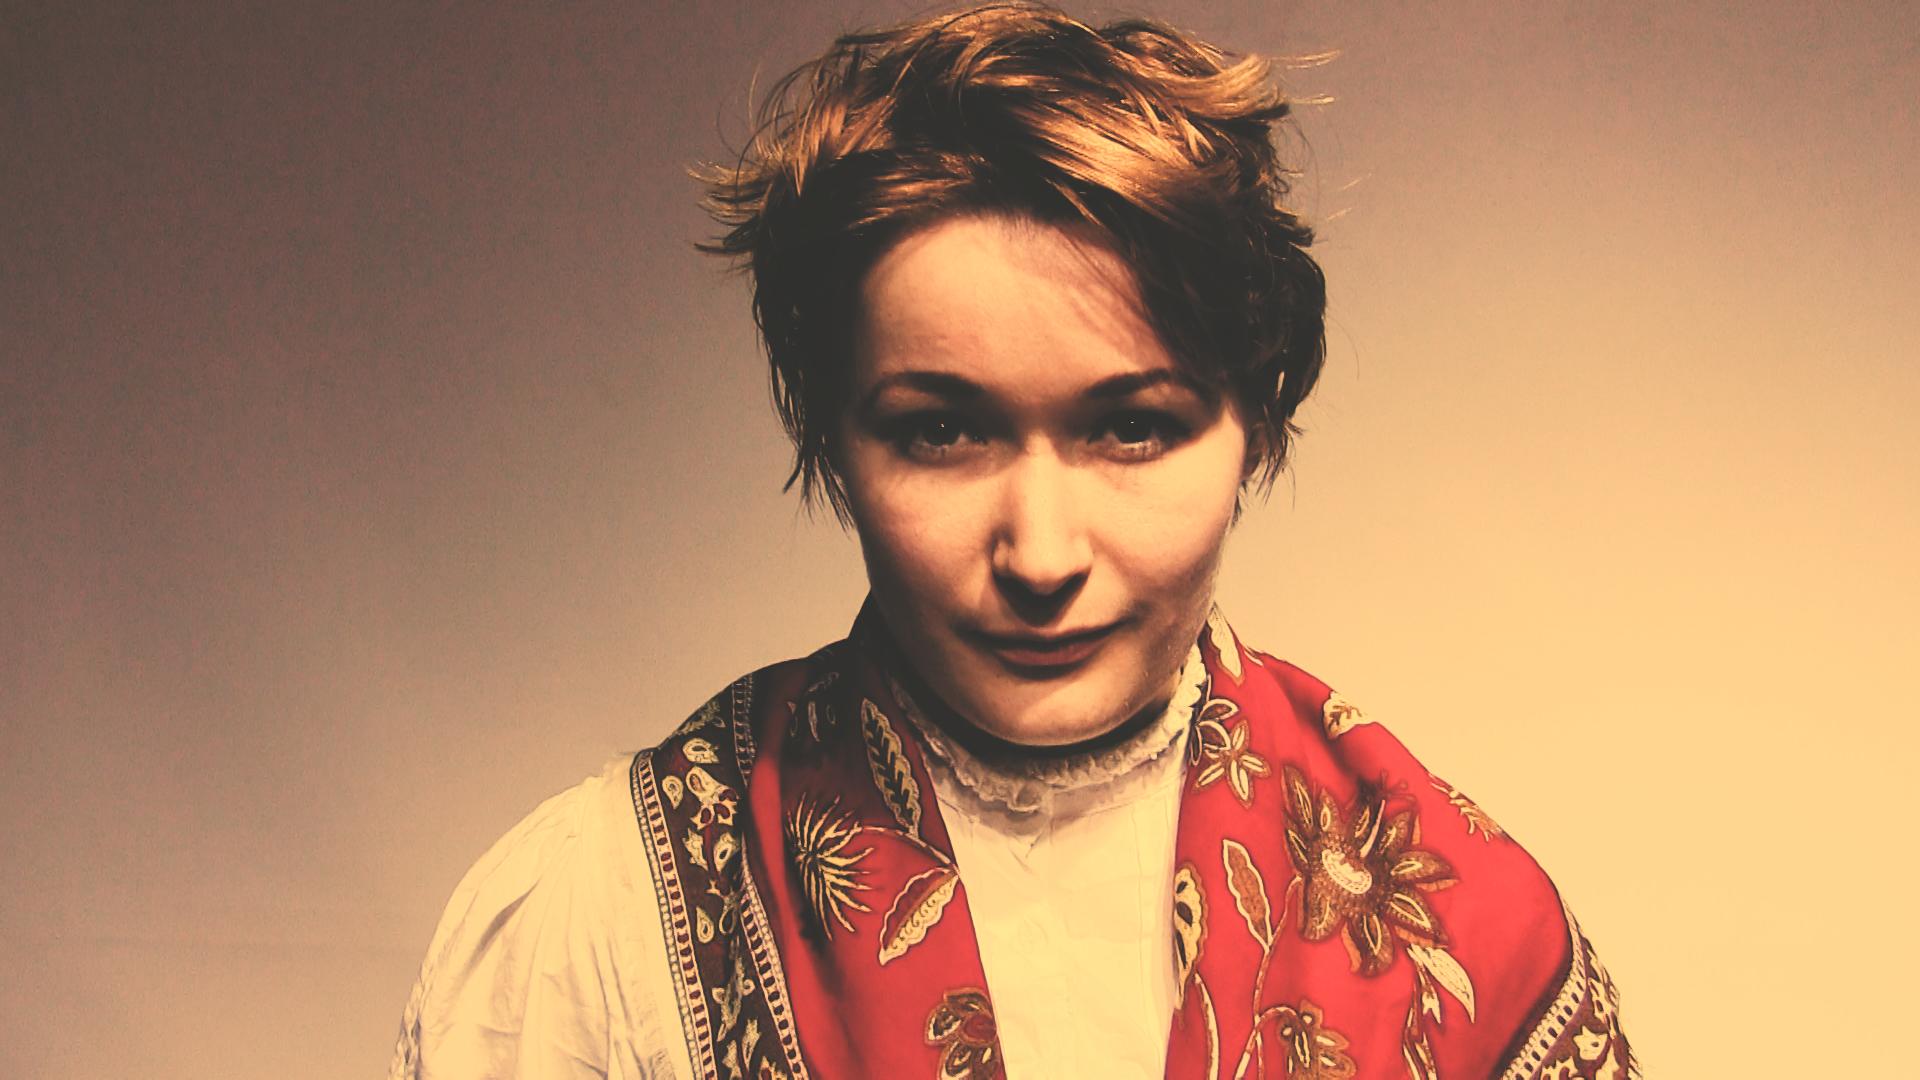 Marie Hassenpflug: Izzy Hourihane